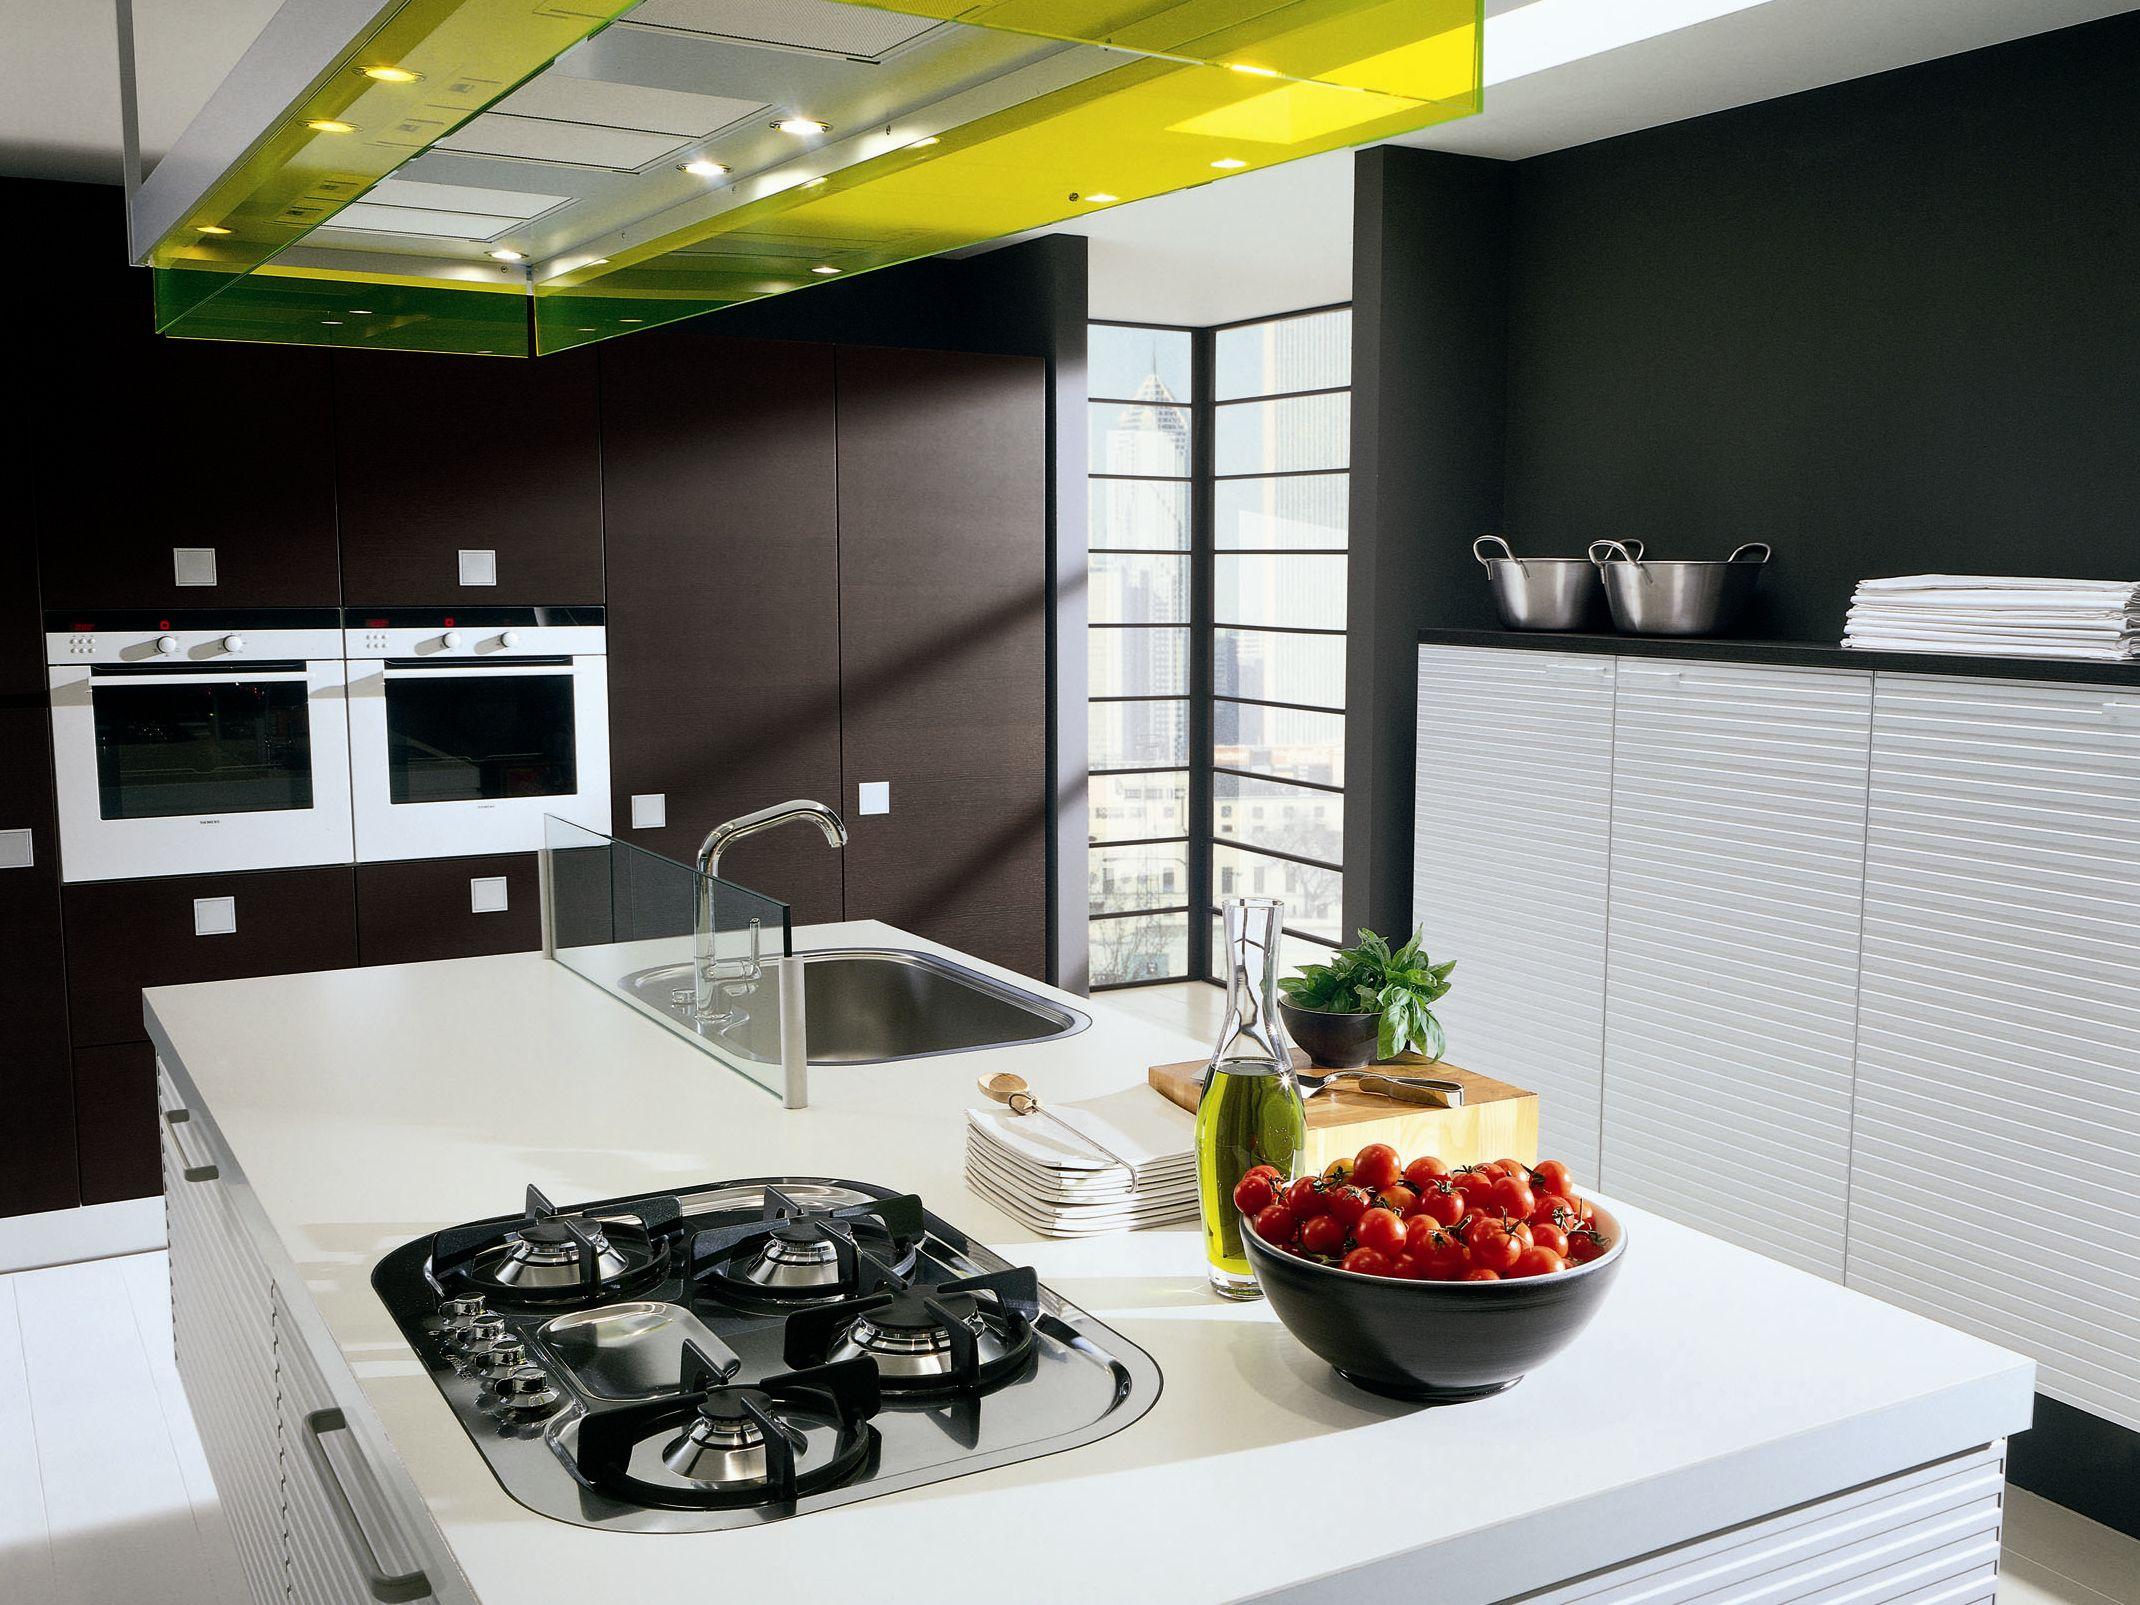 Cucina laccata con isola con maniglie SILVERBOX  Cucina in Corian ...